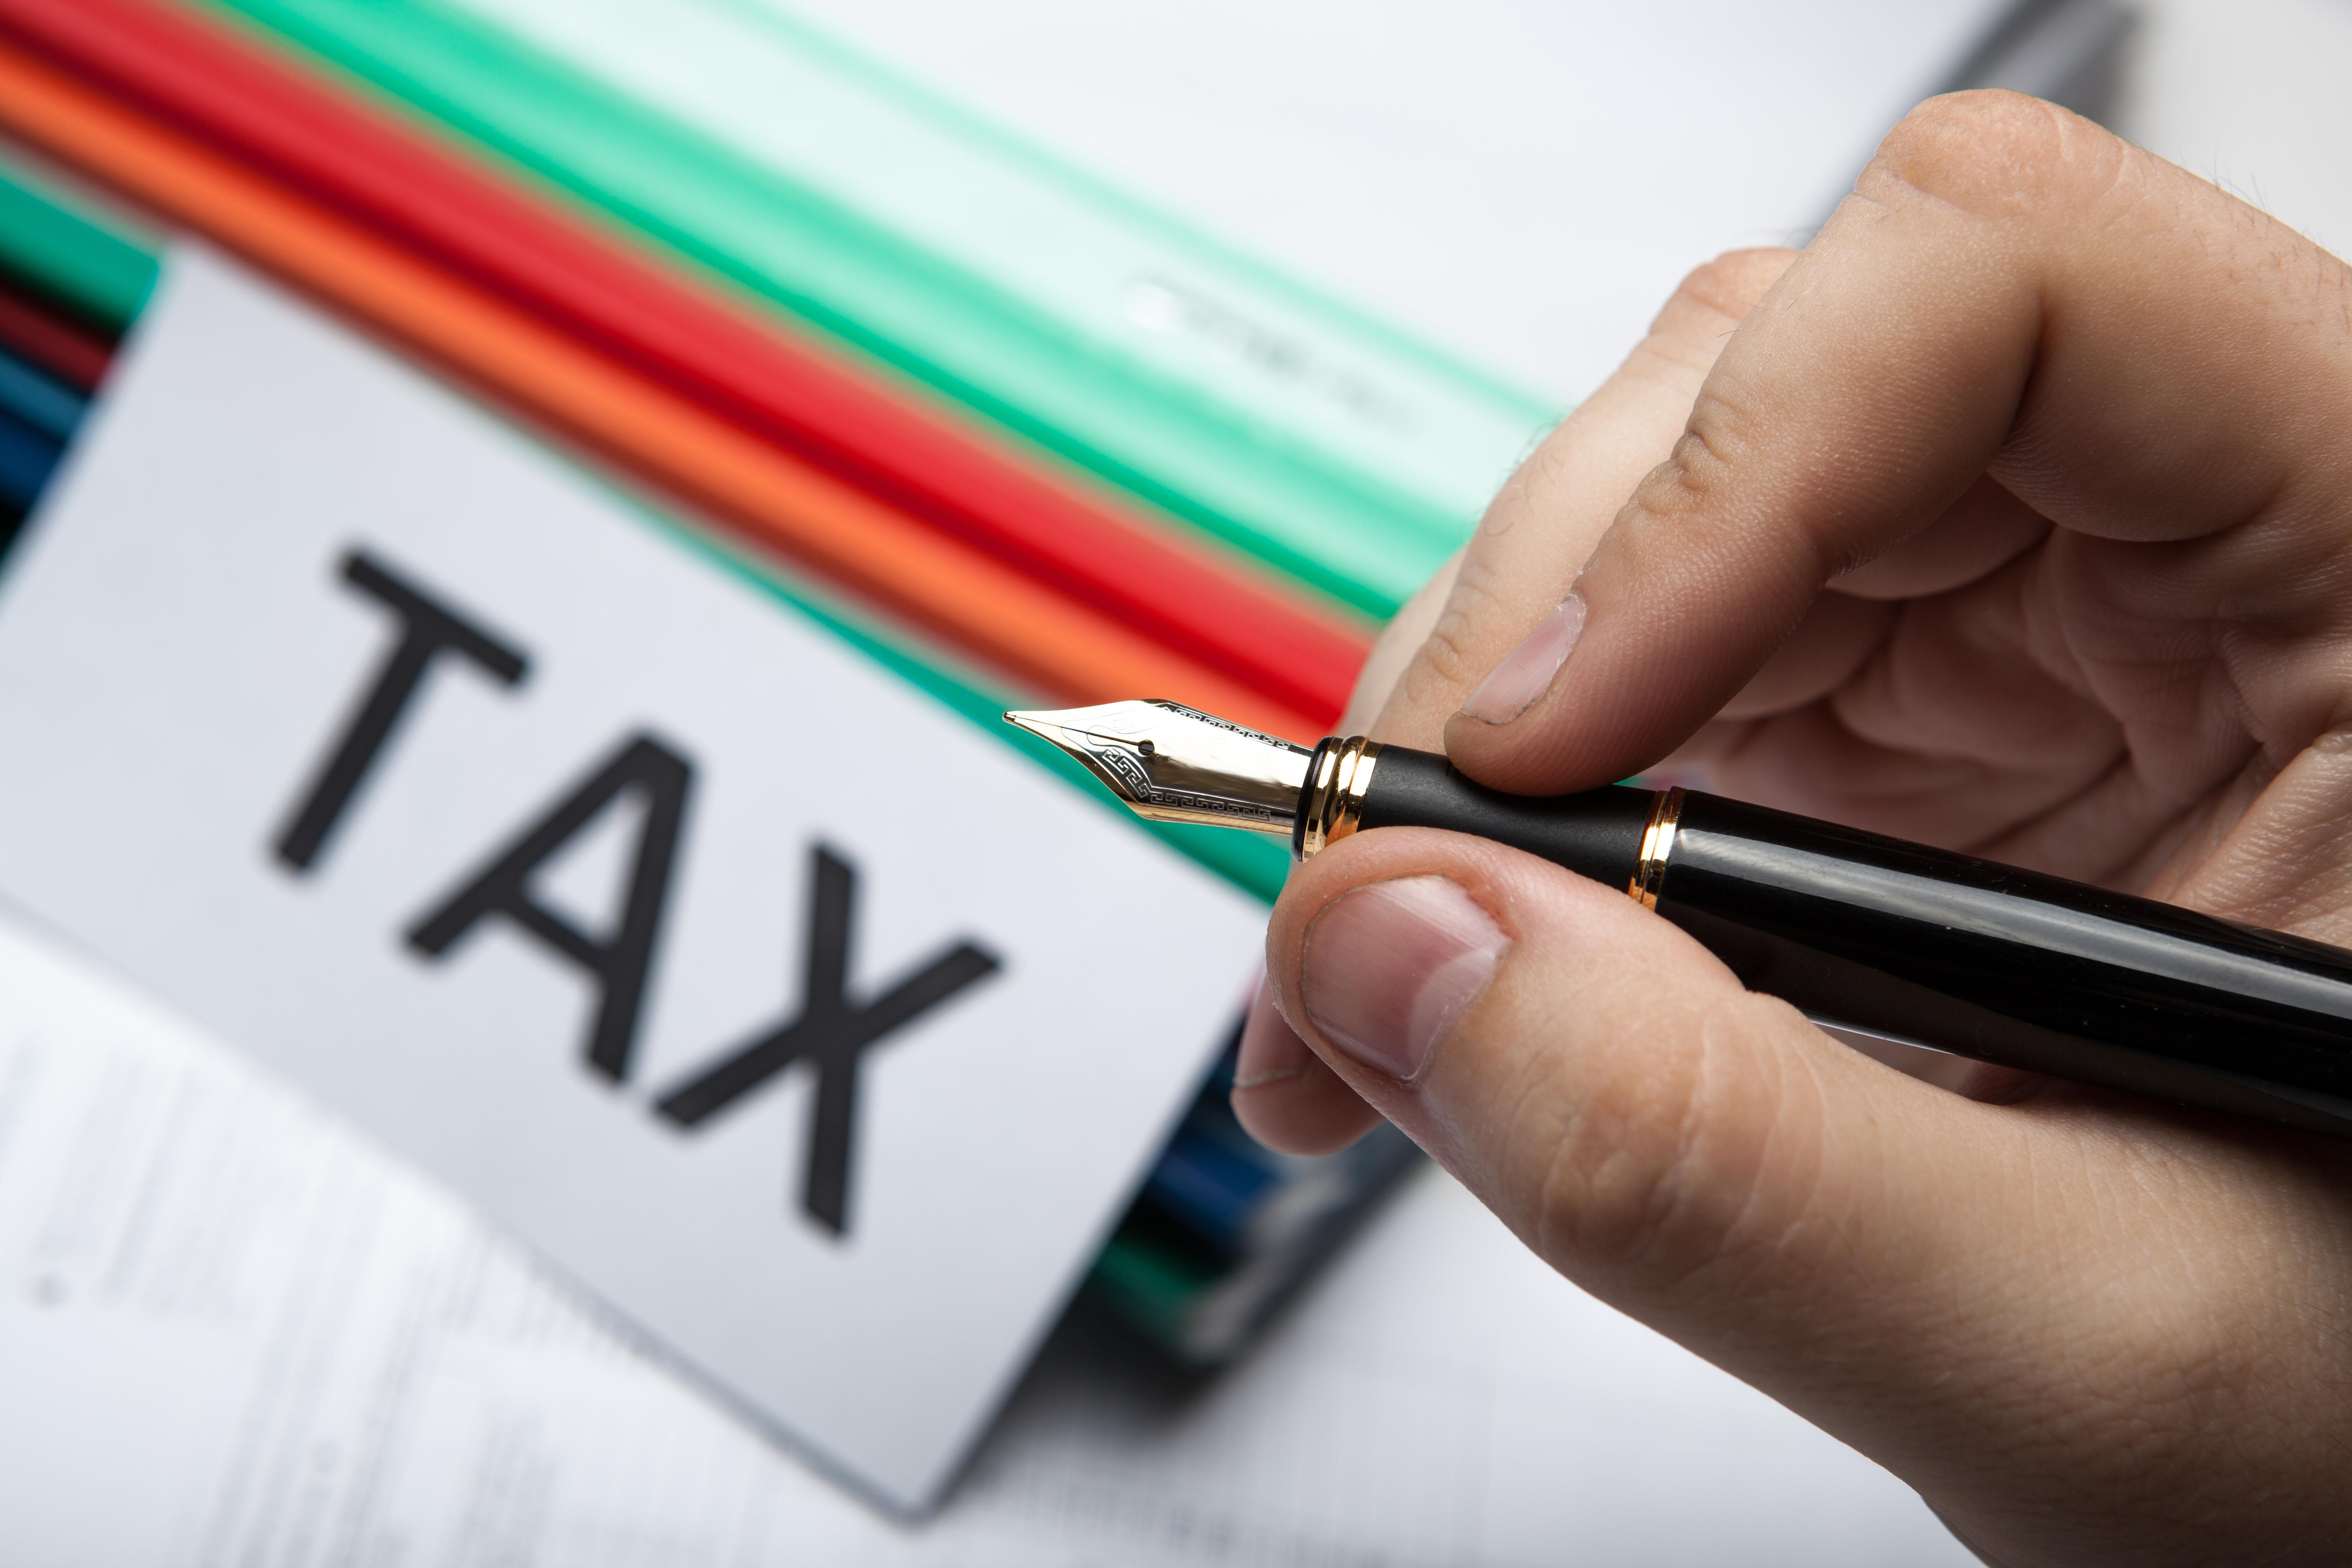 Φορολόγηση φυσικών προσώπων που μεταφέρουν τη φορολογική τους κατοικία στην Ελλάδα - Όλη η διαδικασία και οι προϋποθέσεις υπαγωγής